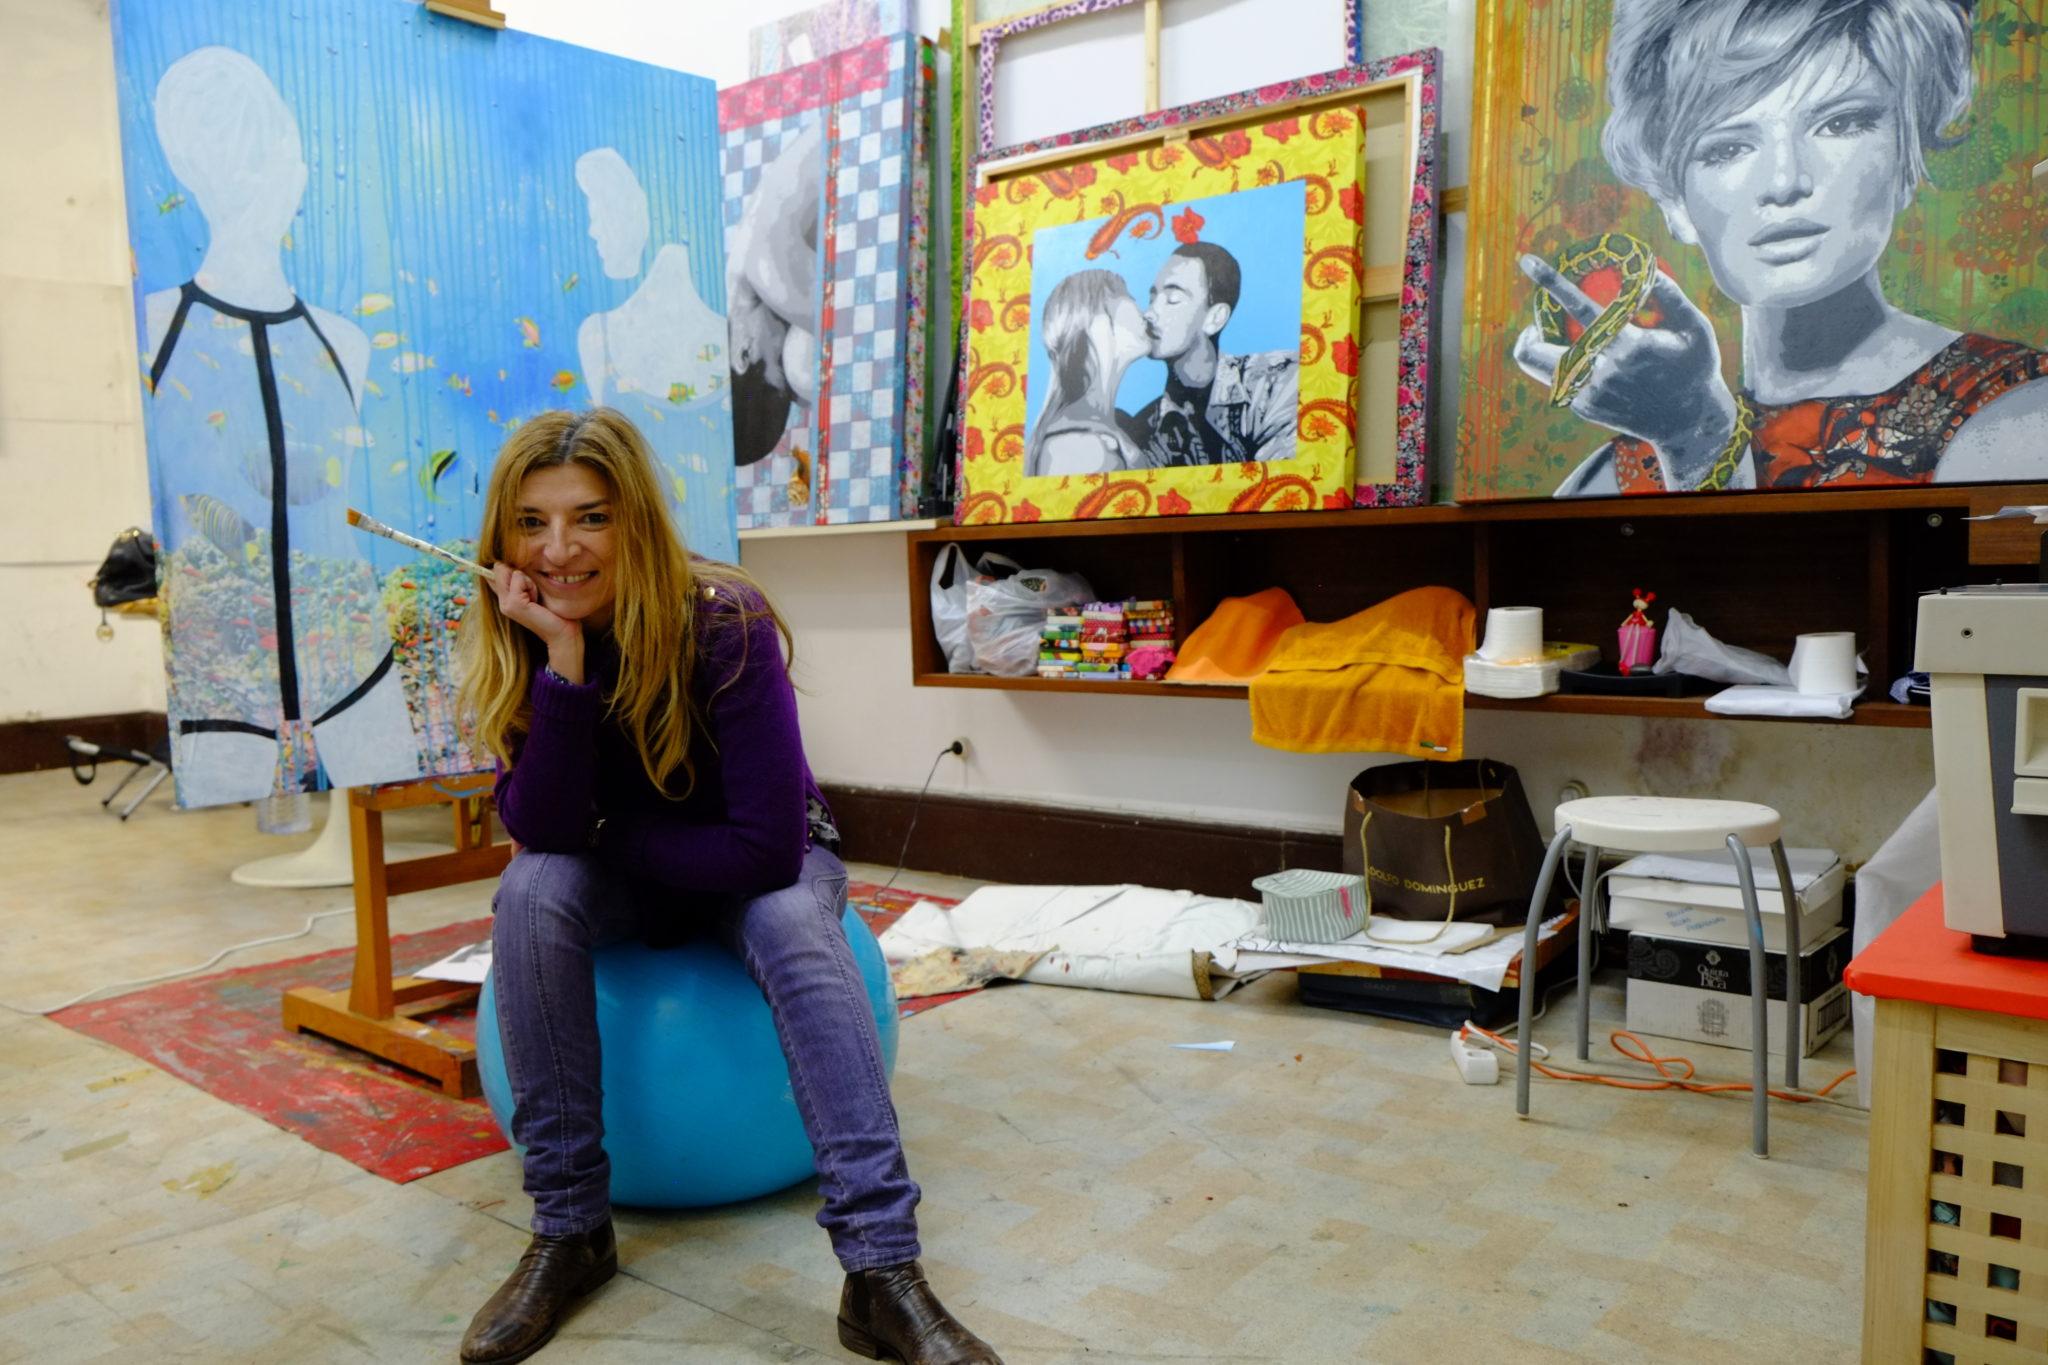 Exposição de Raquel Gralheiro inaugurada segunda-feira no Albergue SCM